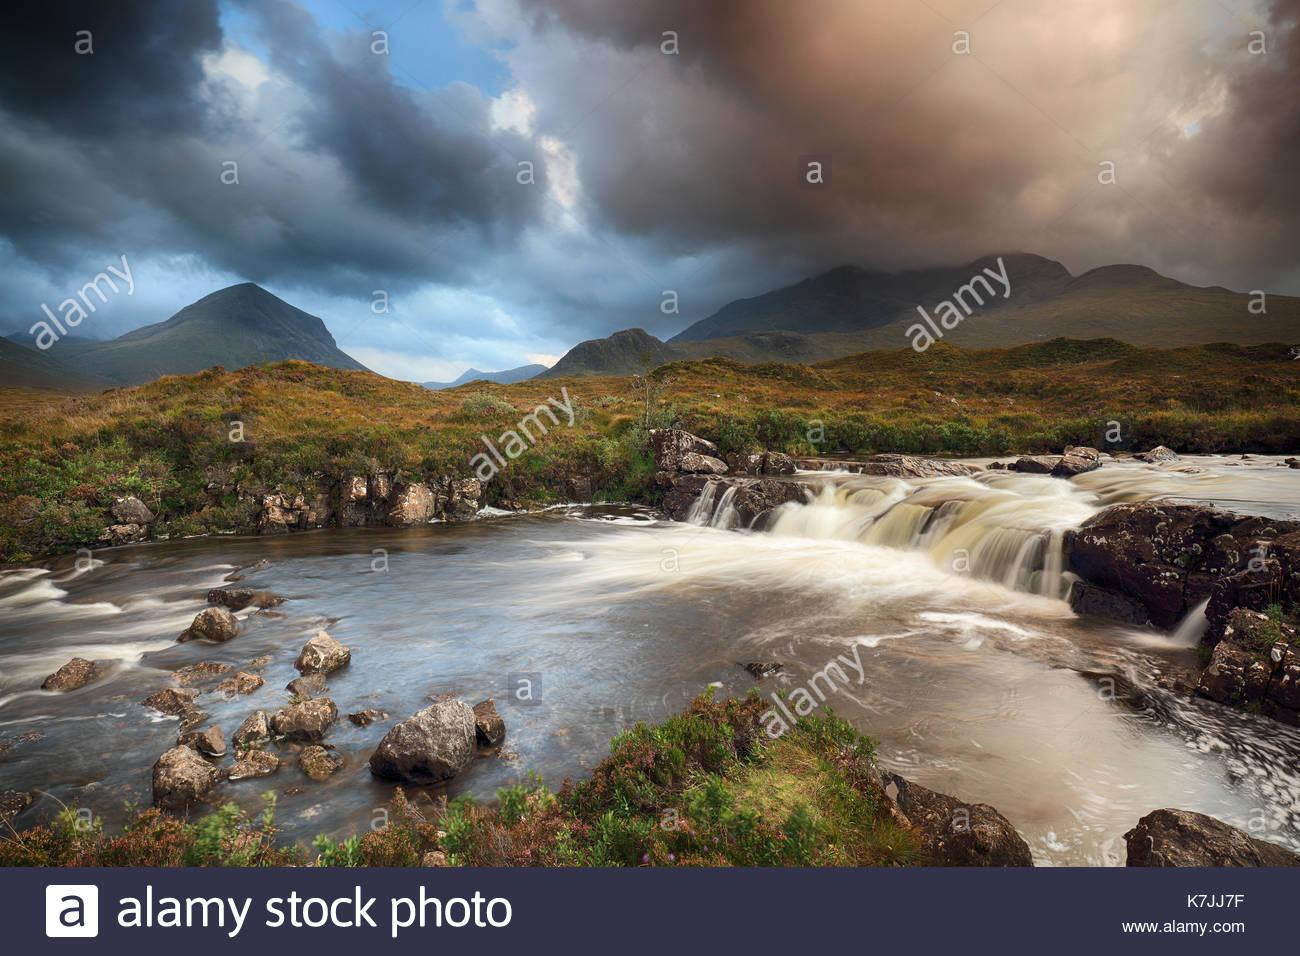 Río y paisajes de montaña desde Sligachan en la Isla de Skye. Foto de stock